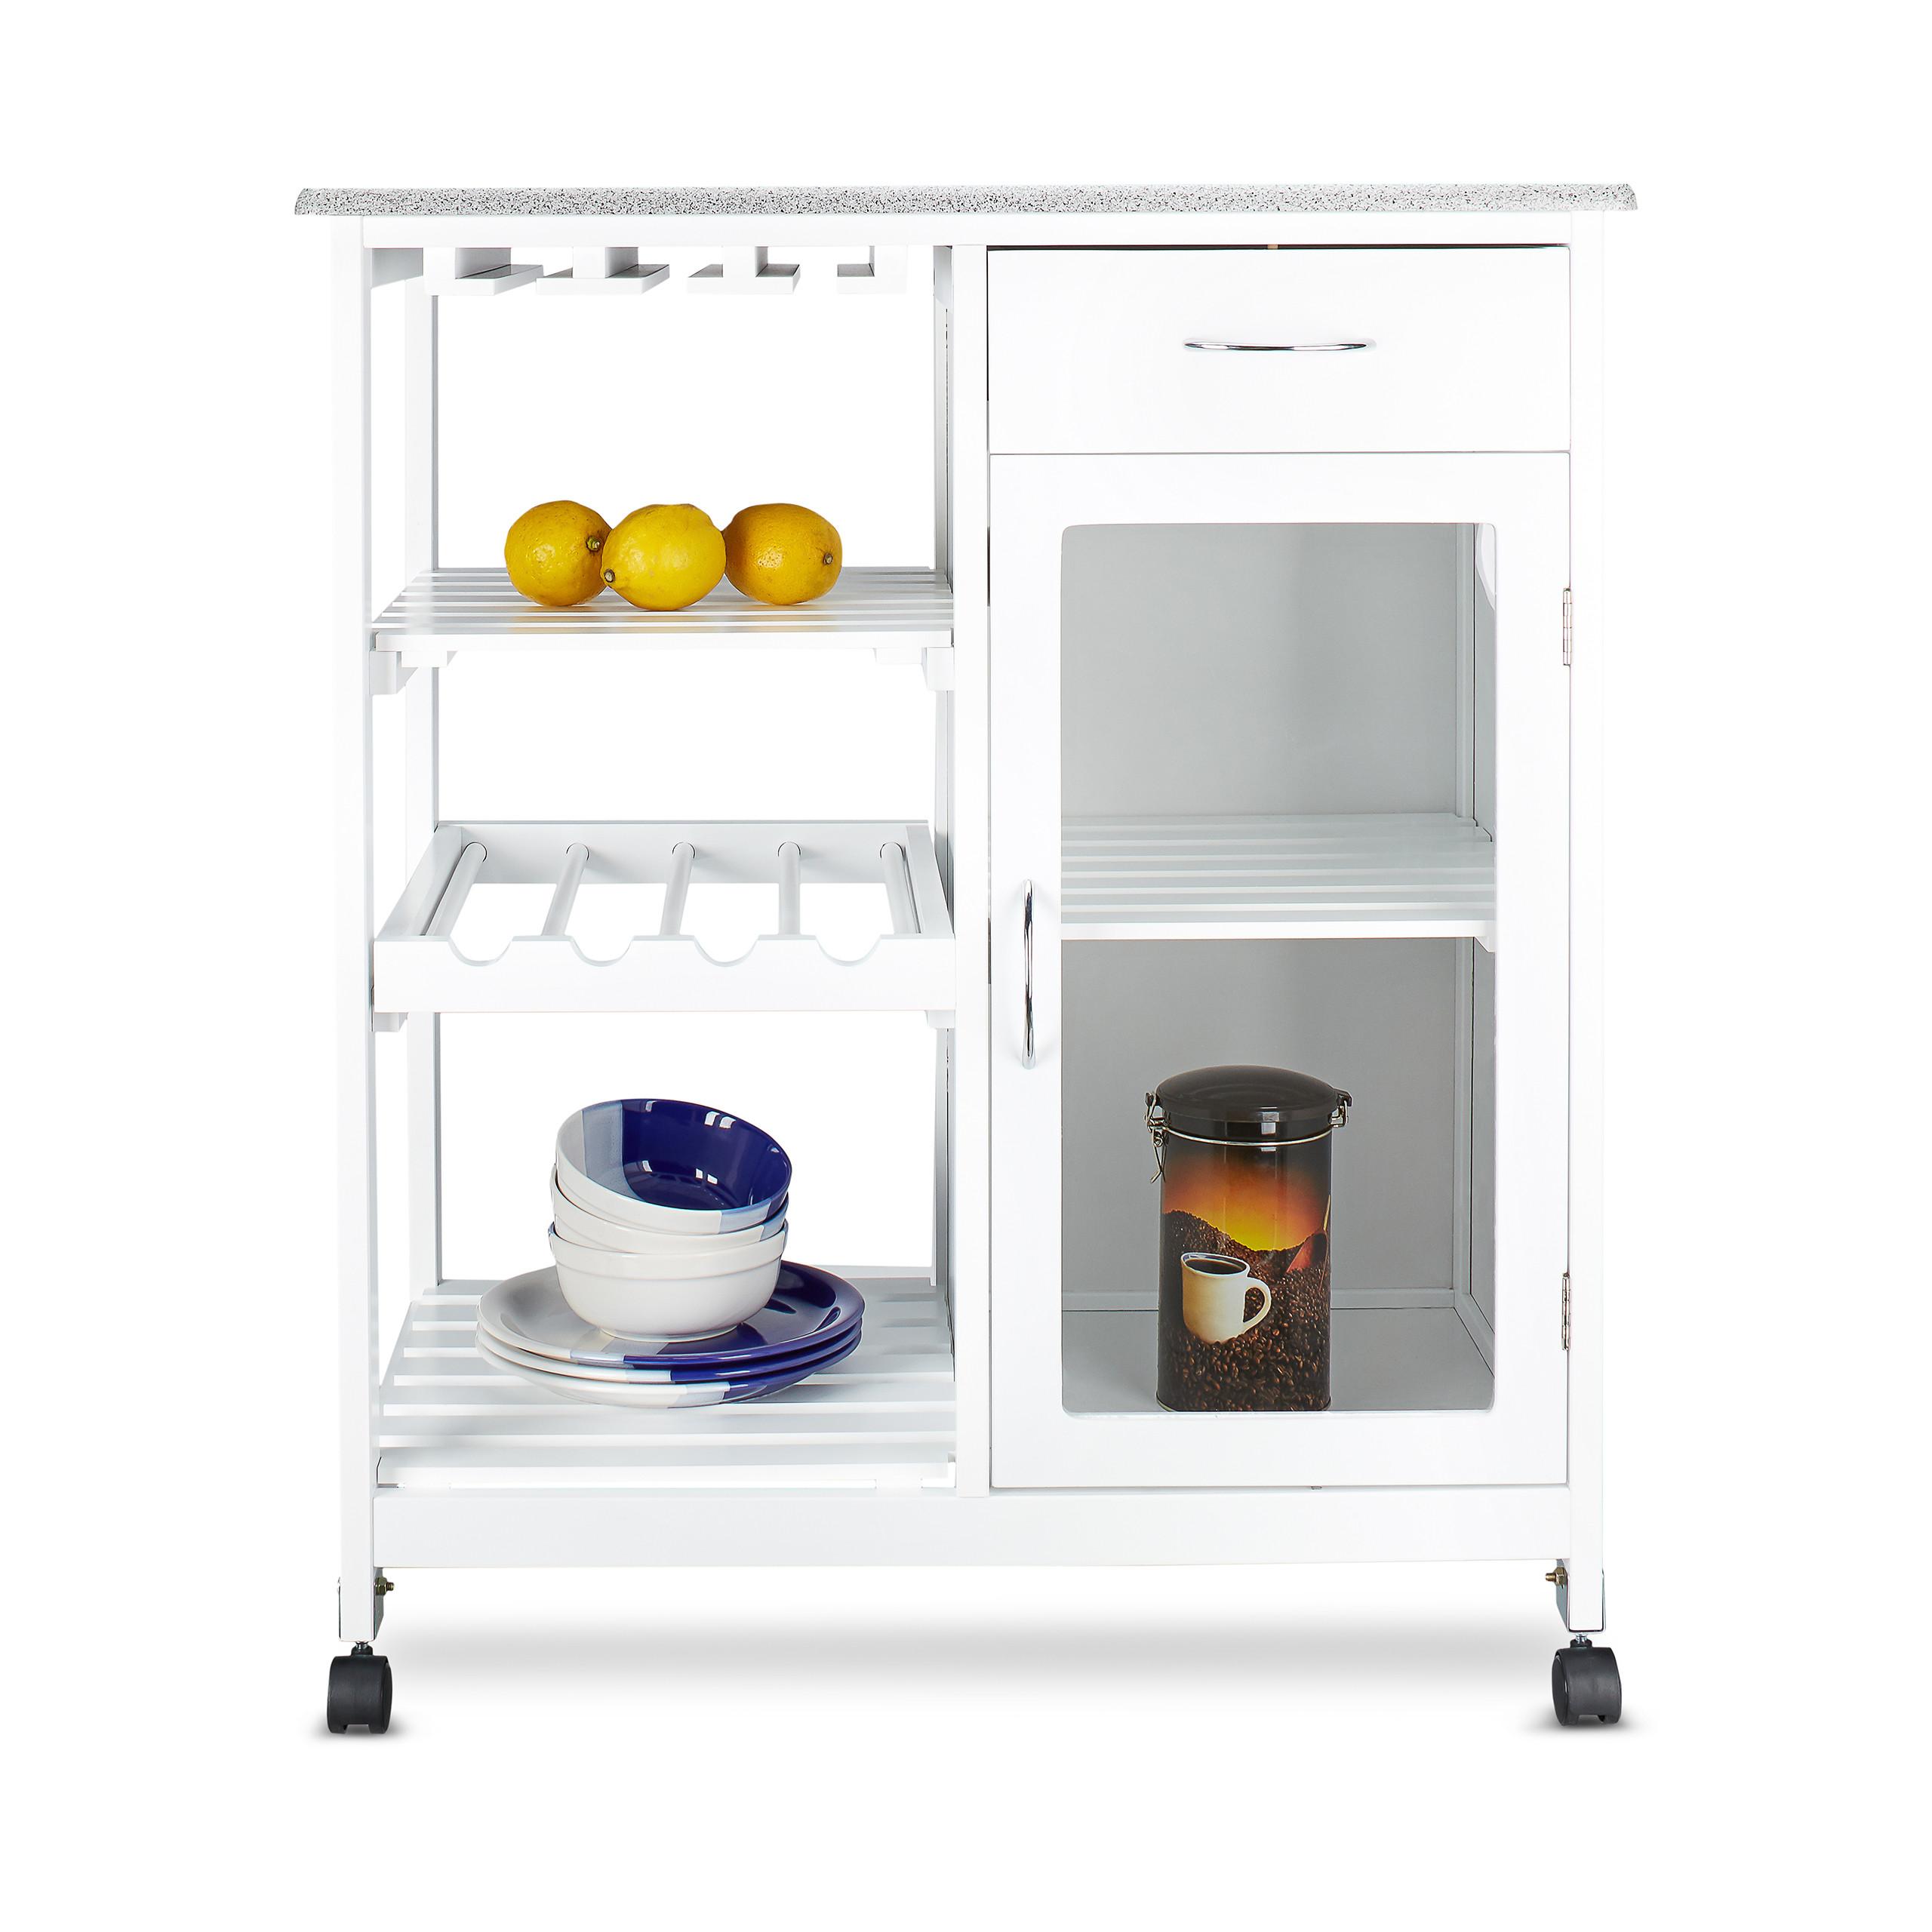 k chenwagen aus holz rollwagen servierwagen k chenschrank wei flaschenhalter ebay. Black Bedroom Furniture Sets. Home Design Ideas